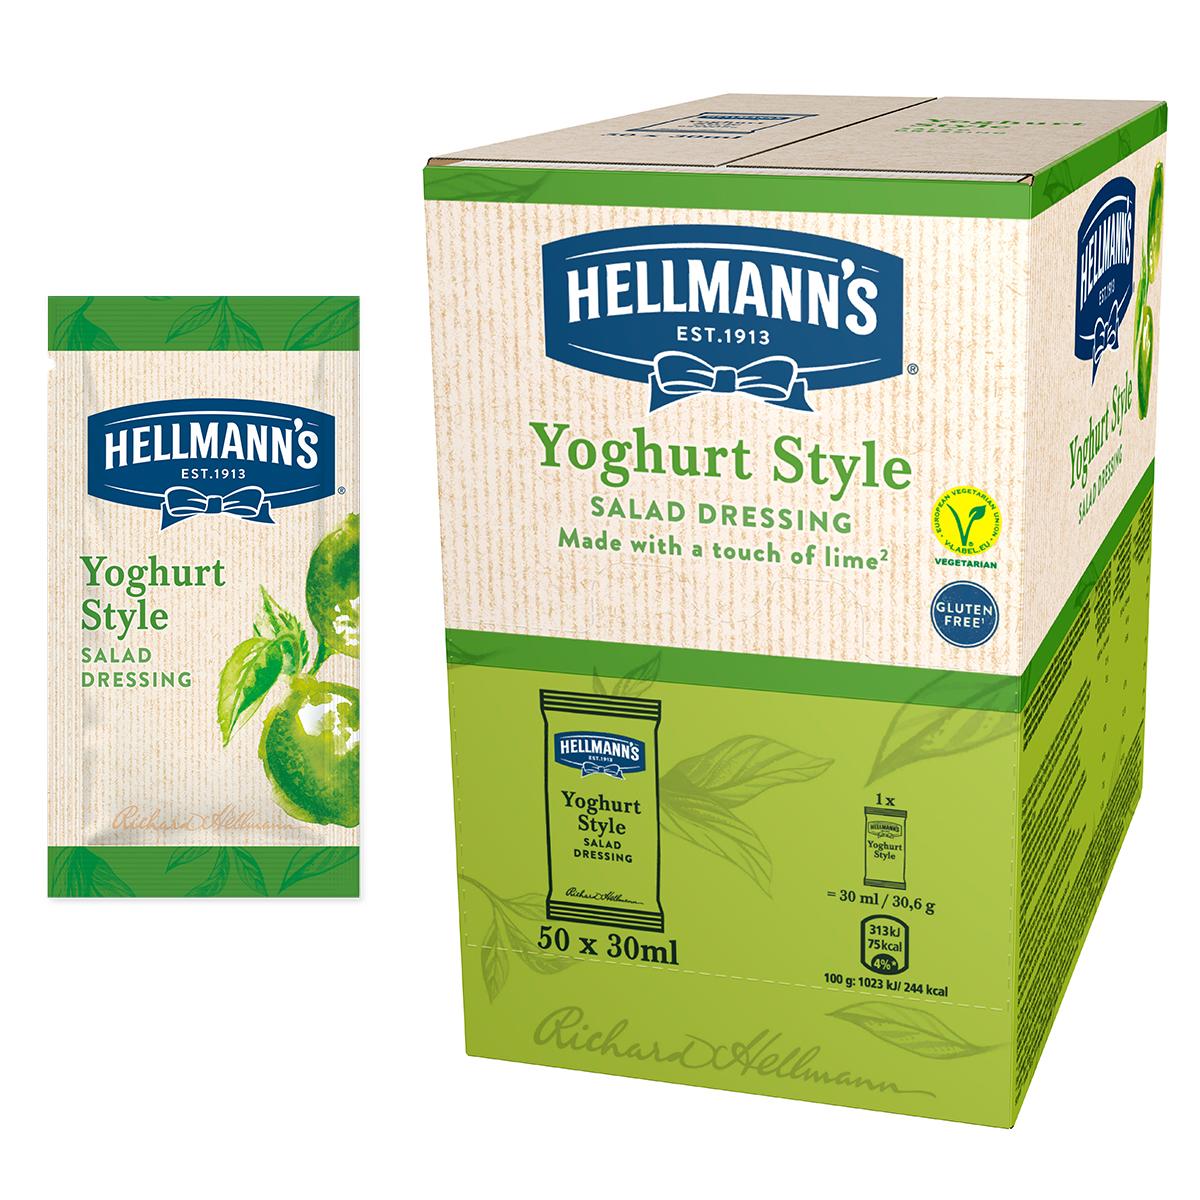 Salatni preljev s okusom jogurta i limete - Hellmann's salatni preljevi, idealni za poboljšanje okusa vaših salata u prigodnom porcijskom pakiranju.